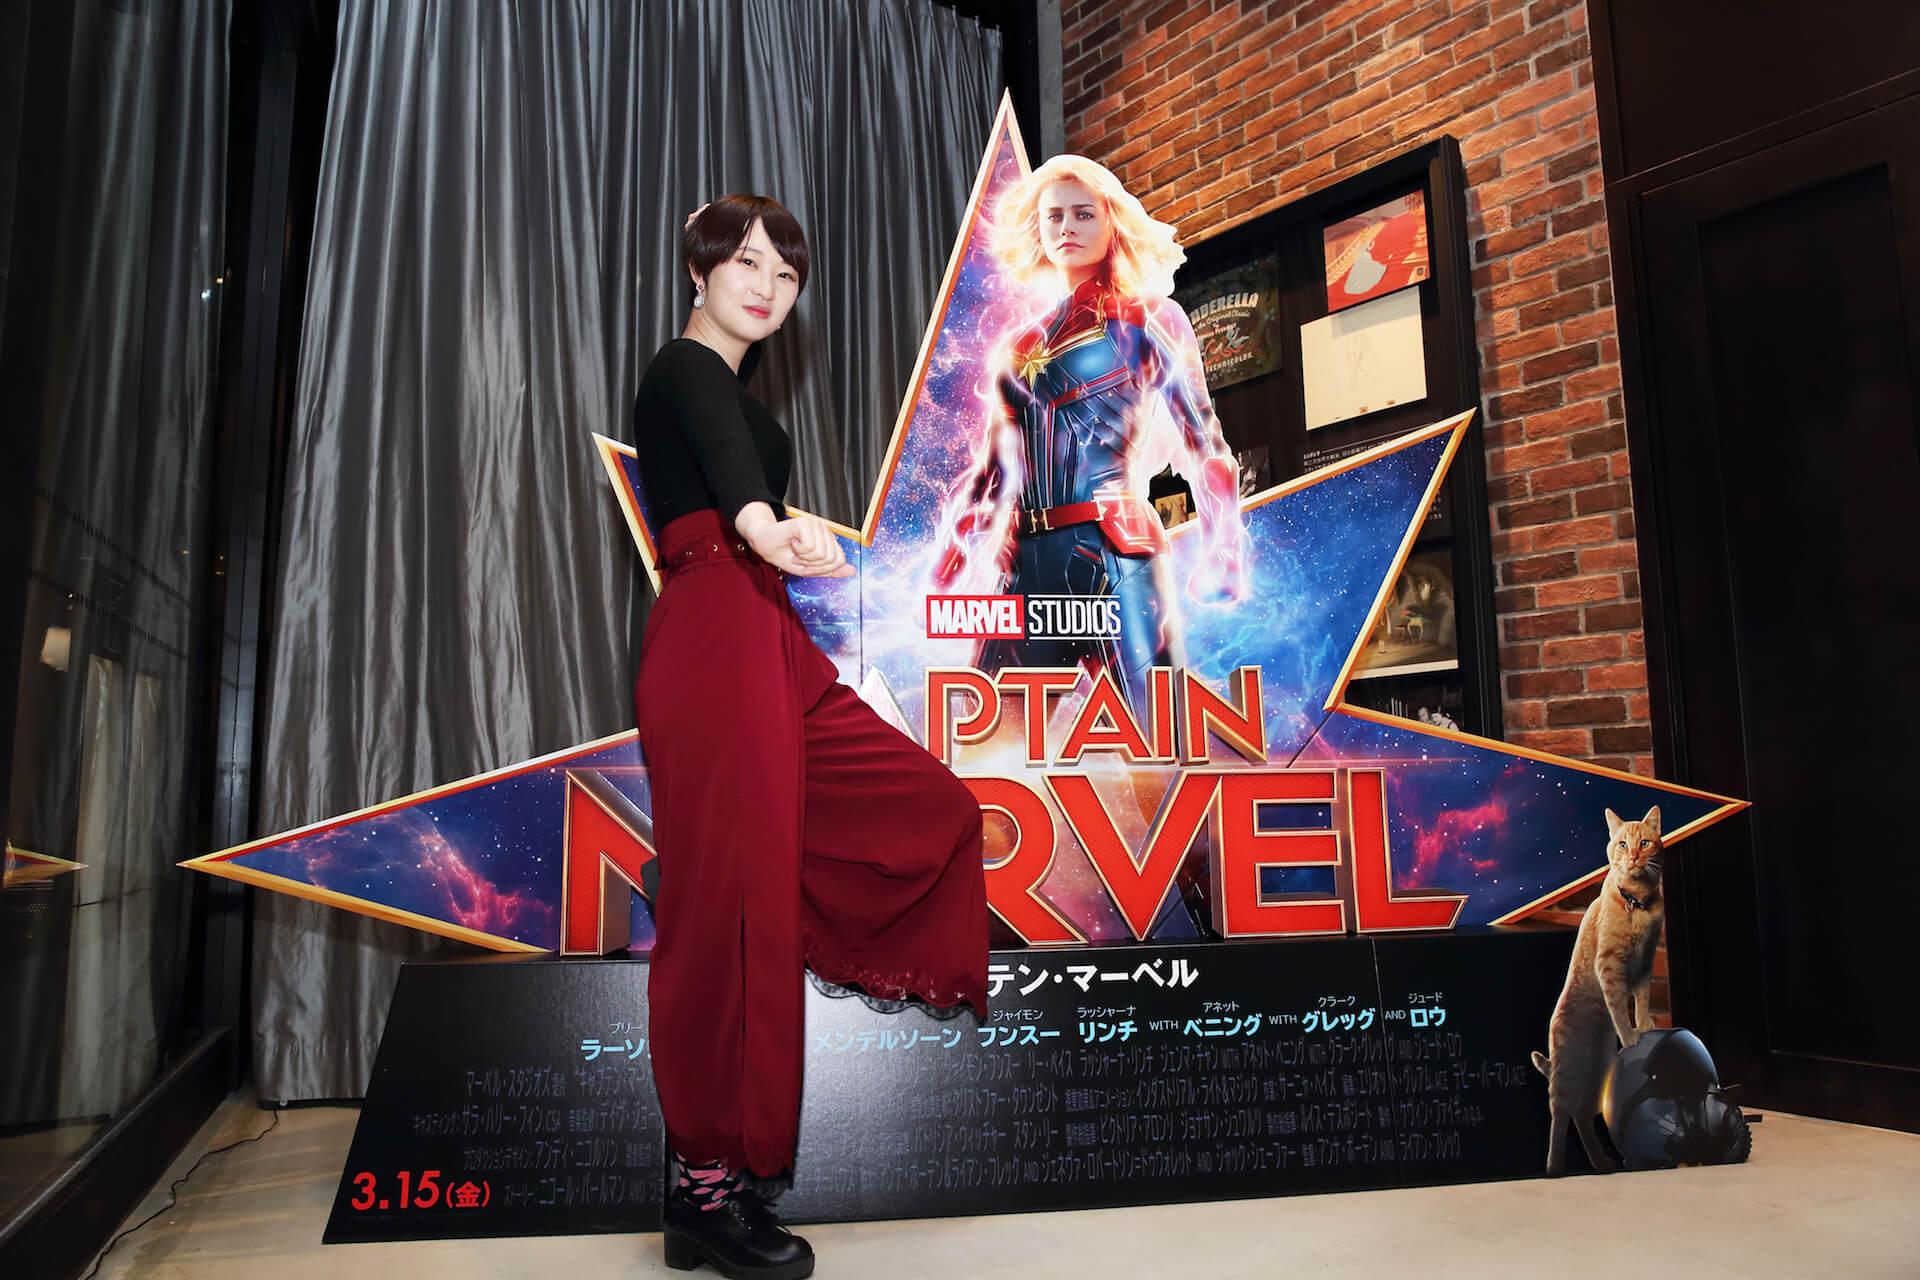 【チョーヒカル・インタビュー】最強の女性が最高!『キャプテン・マーベル』が照らすアベンジャーズとマーベルの未来 interview-captainmarvel-hikaru-cho-16